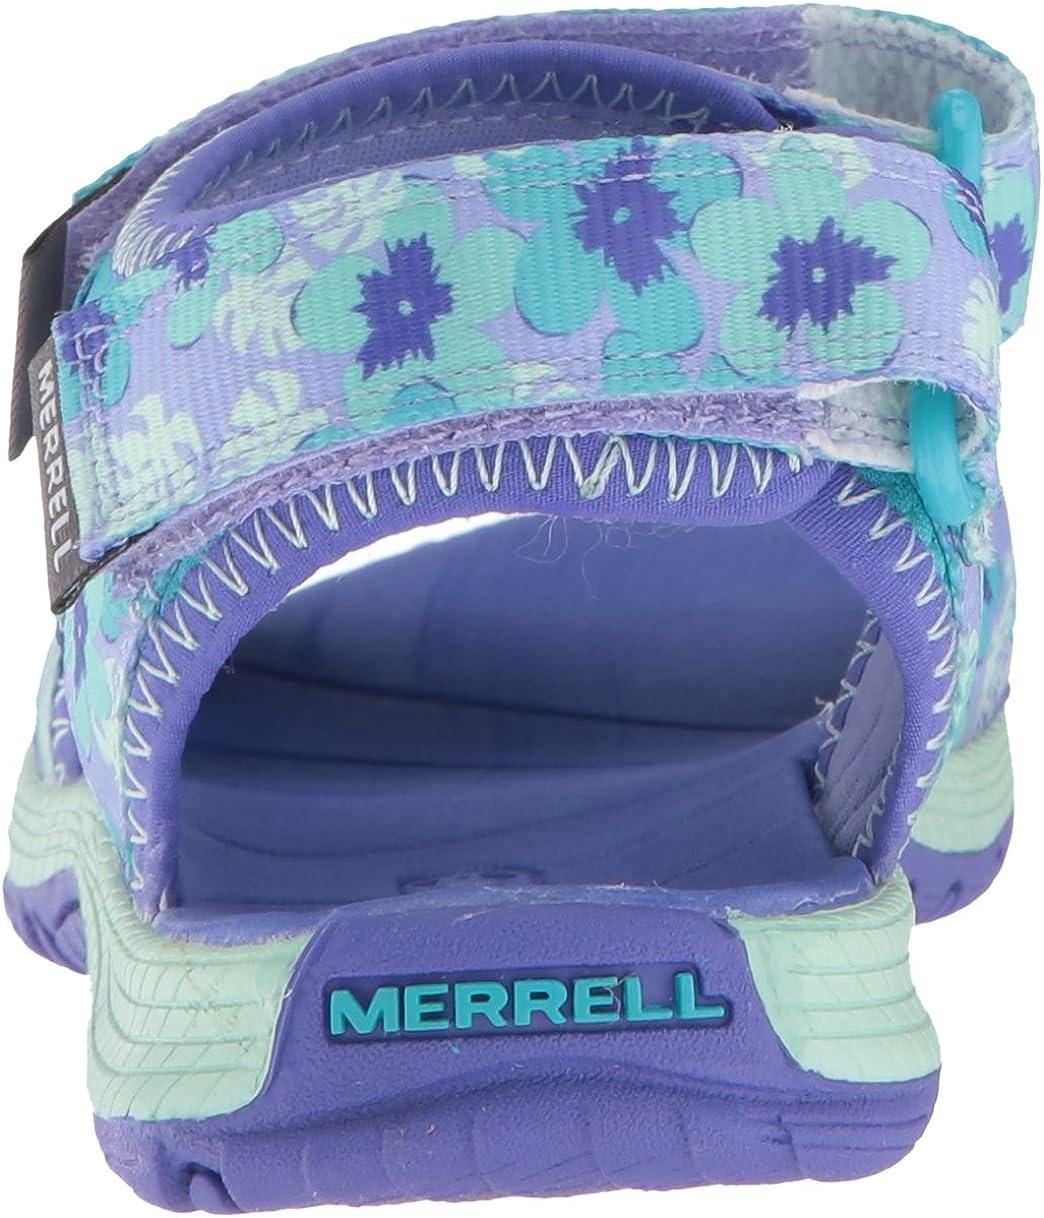 Merrell Kids Surf Strap 2.0 Sport Sandal